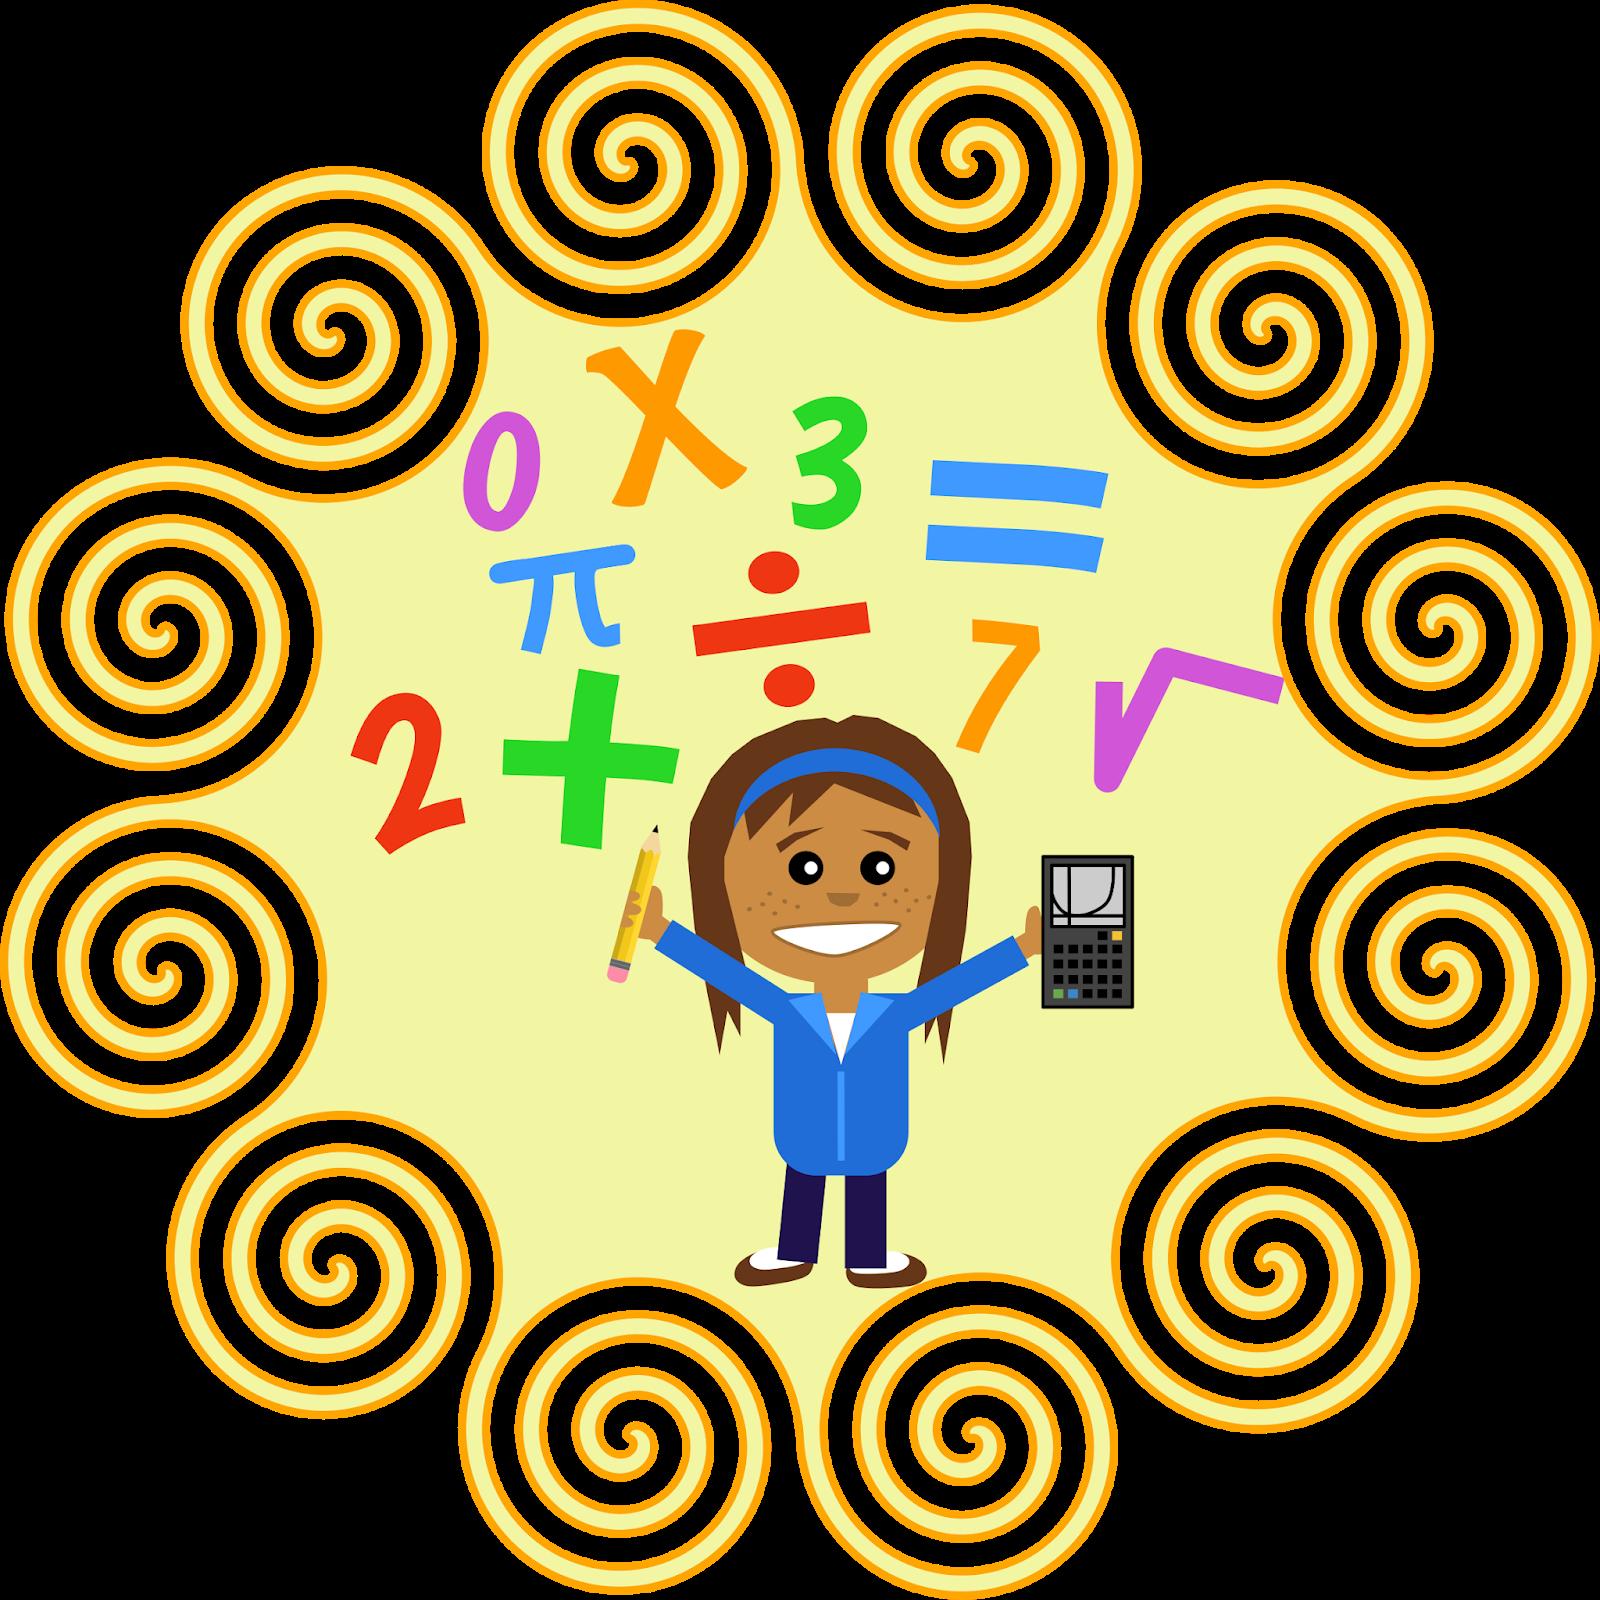 Fun Cool Math for Kids